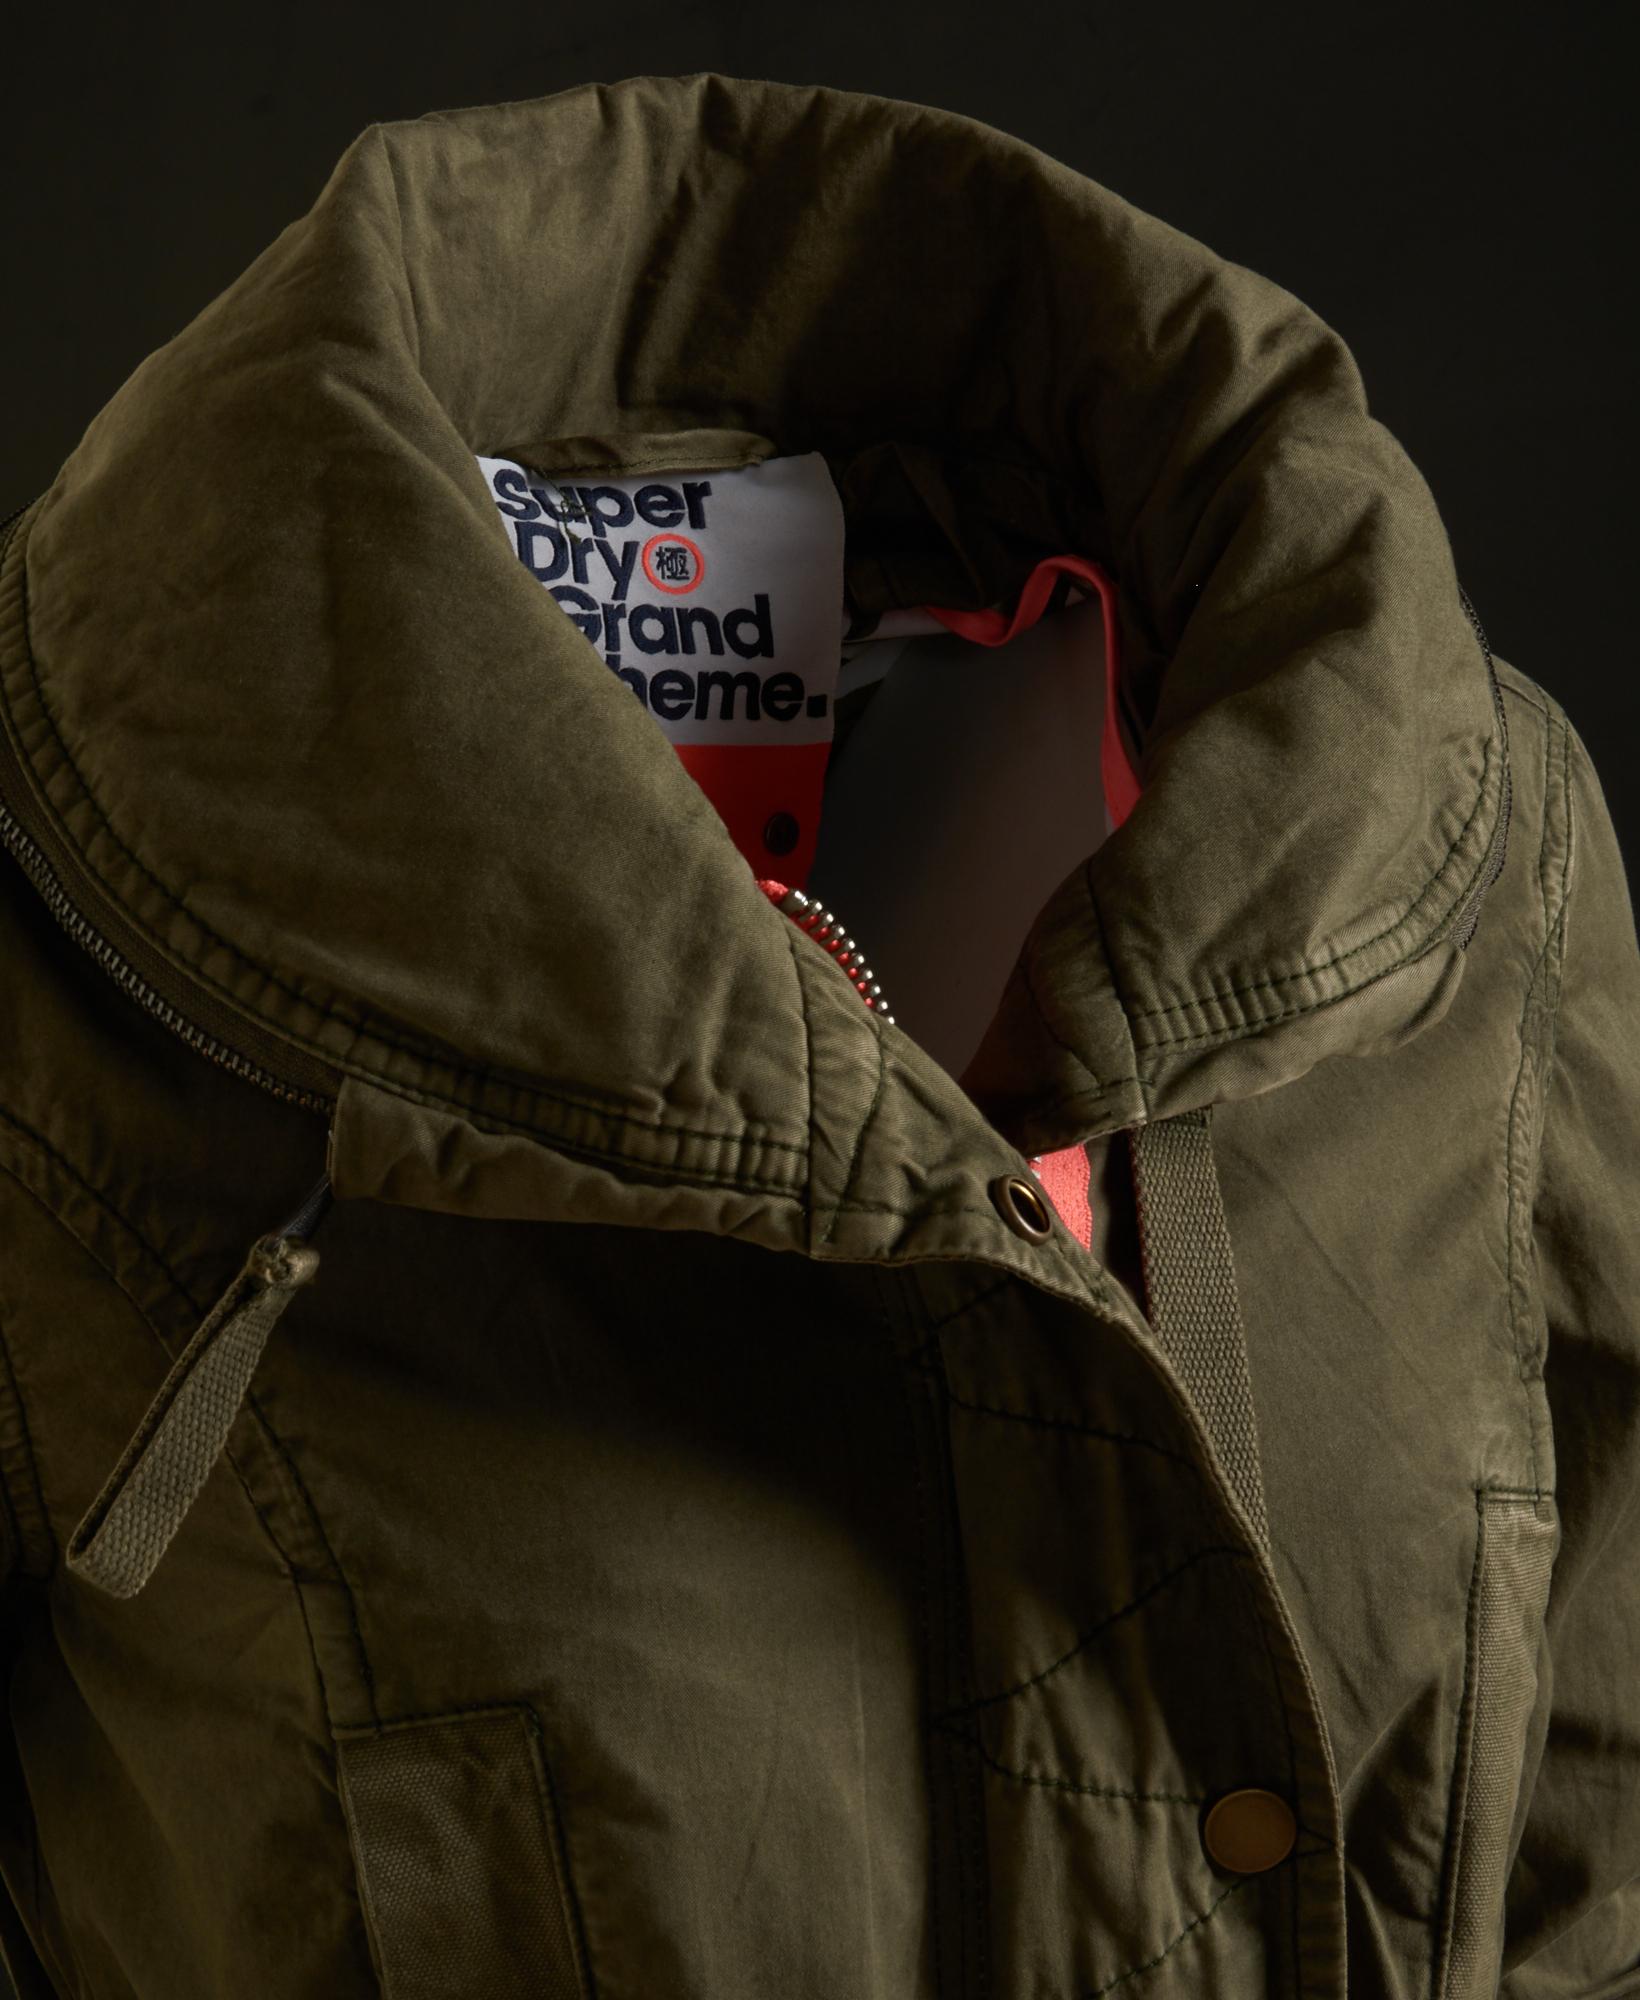 buy online 85506 7ffe3 Details zu Neue Damen Superdry Jacke Grande Scheme Jungle Parka True Army